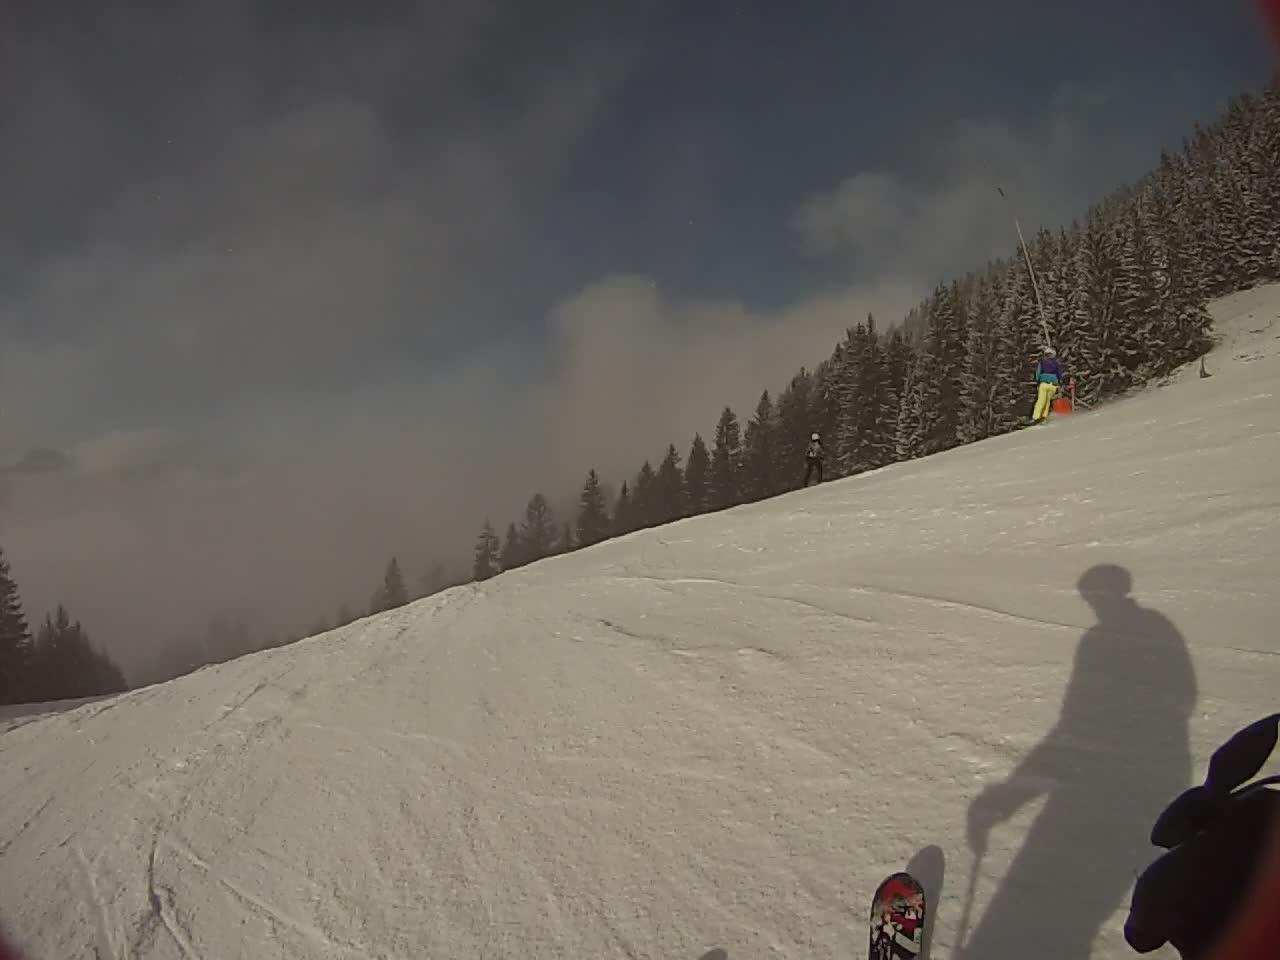 Downhill Ski Crash